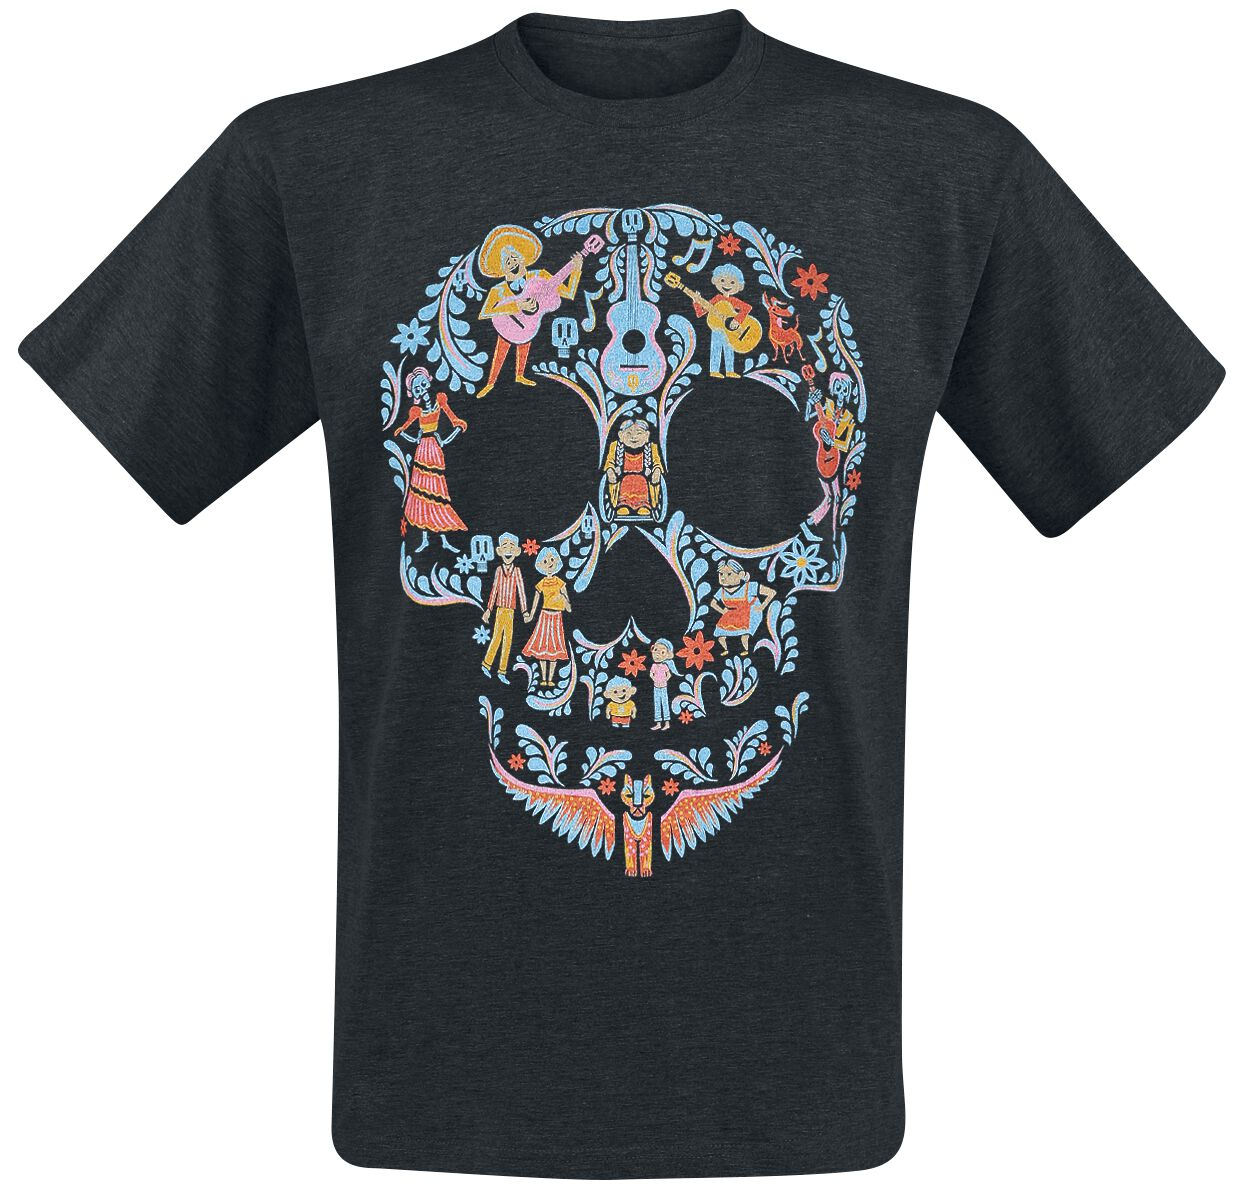 Merch dla Fanów - Koszulki - T-Shirt Coco Team Family Skull T-Shirt odcienie czarnego - 370420